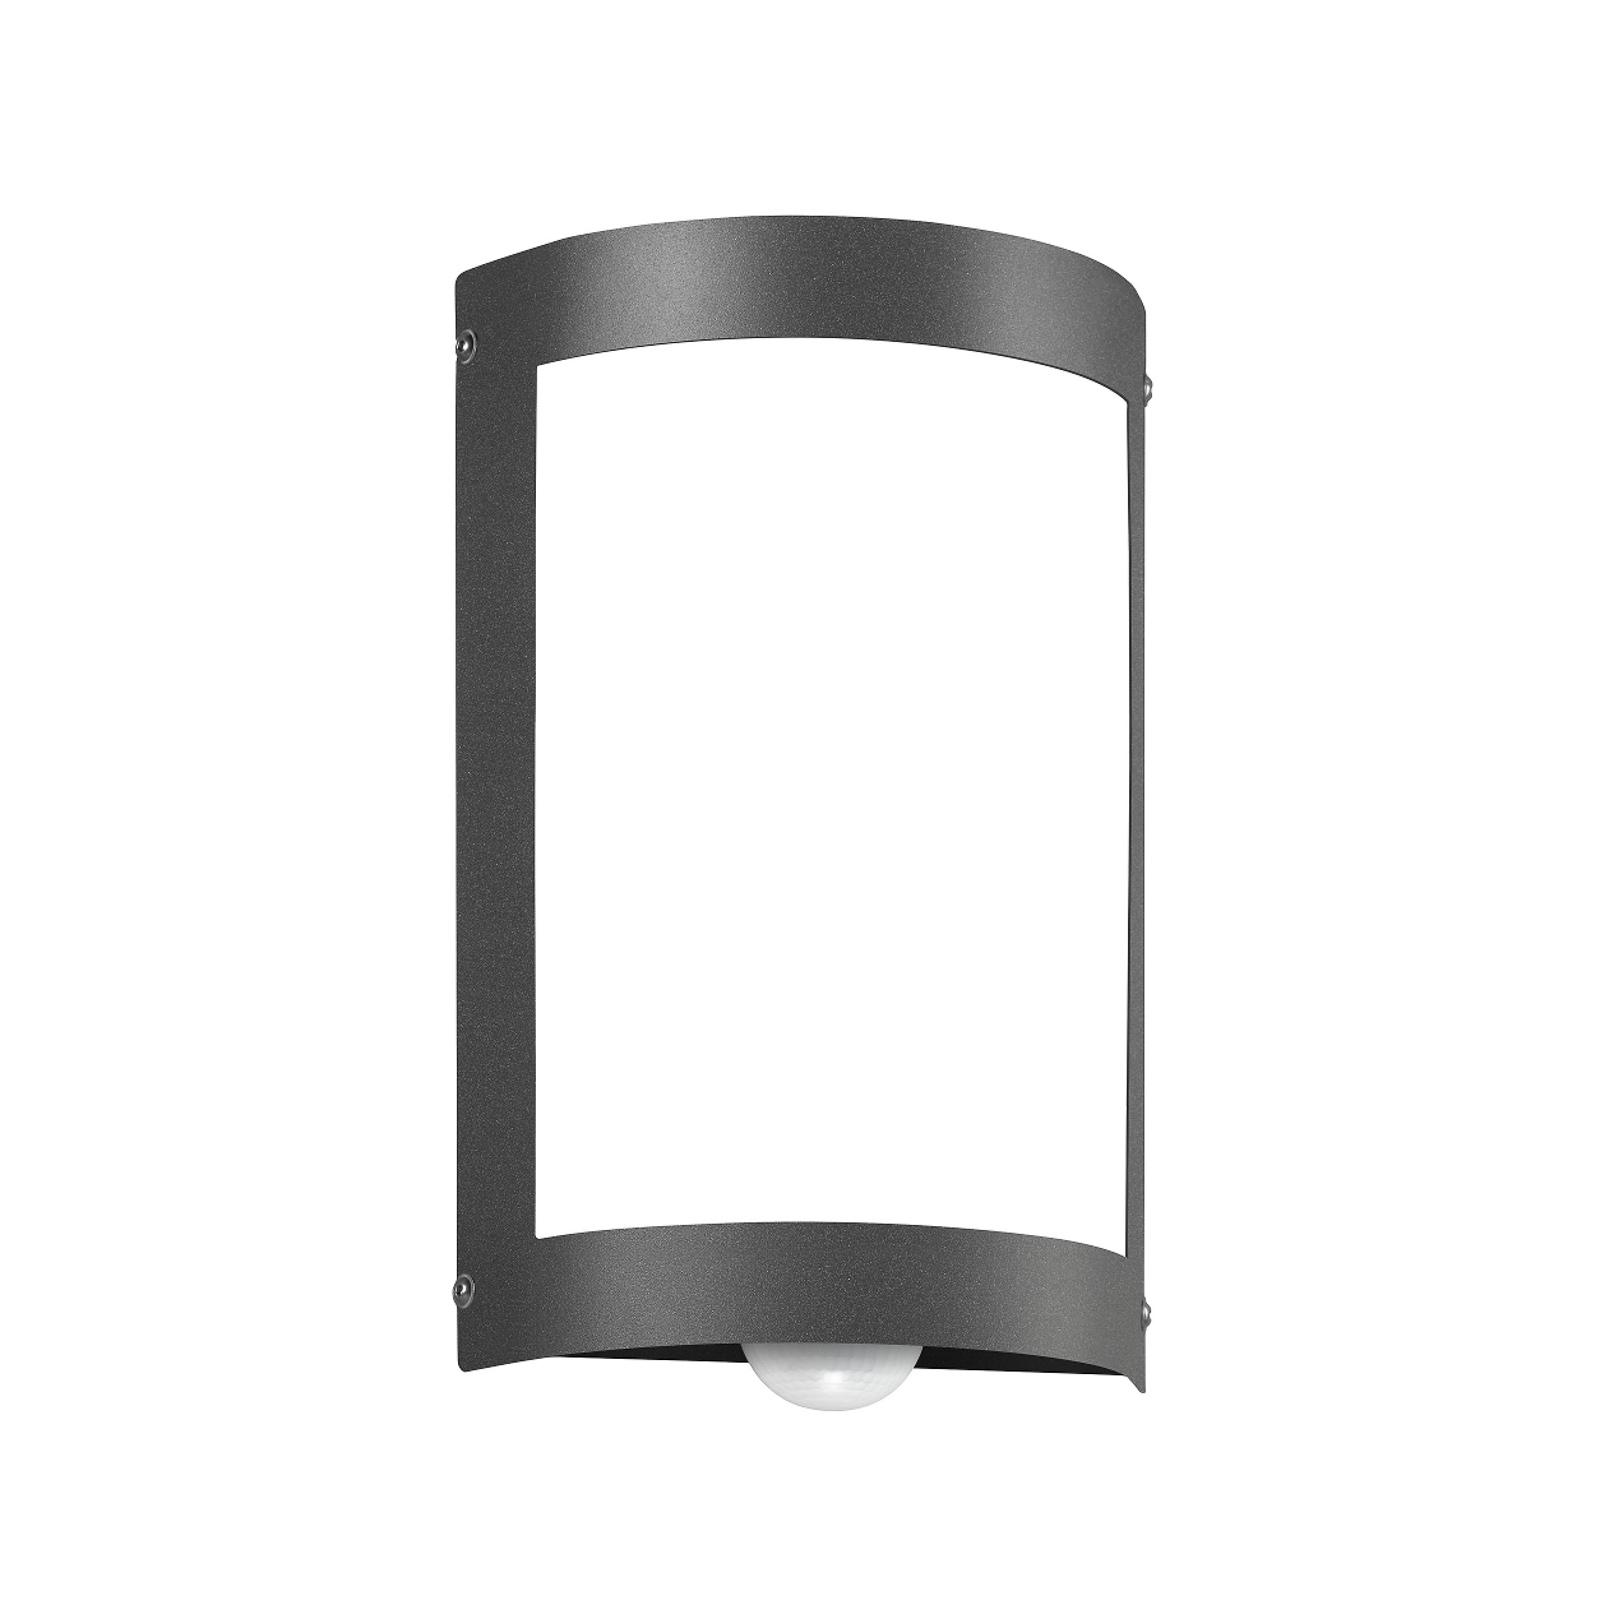 Lampe capteur Aqua Marco sans grille anthracite